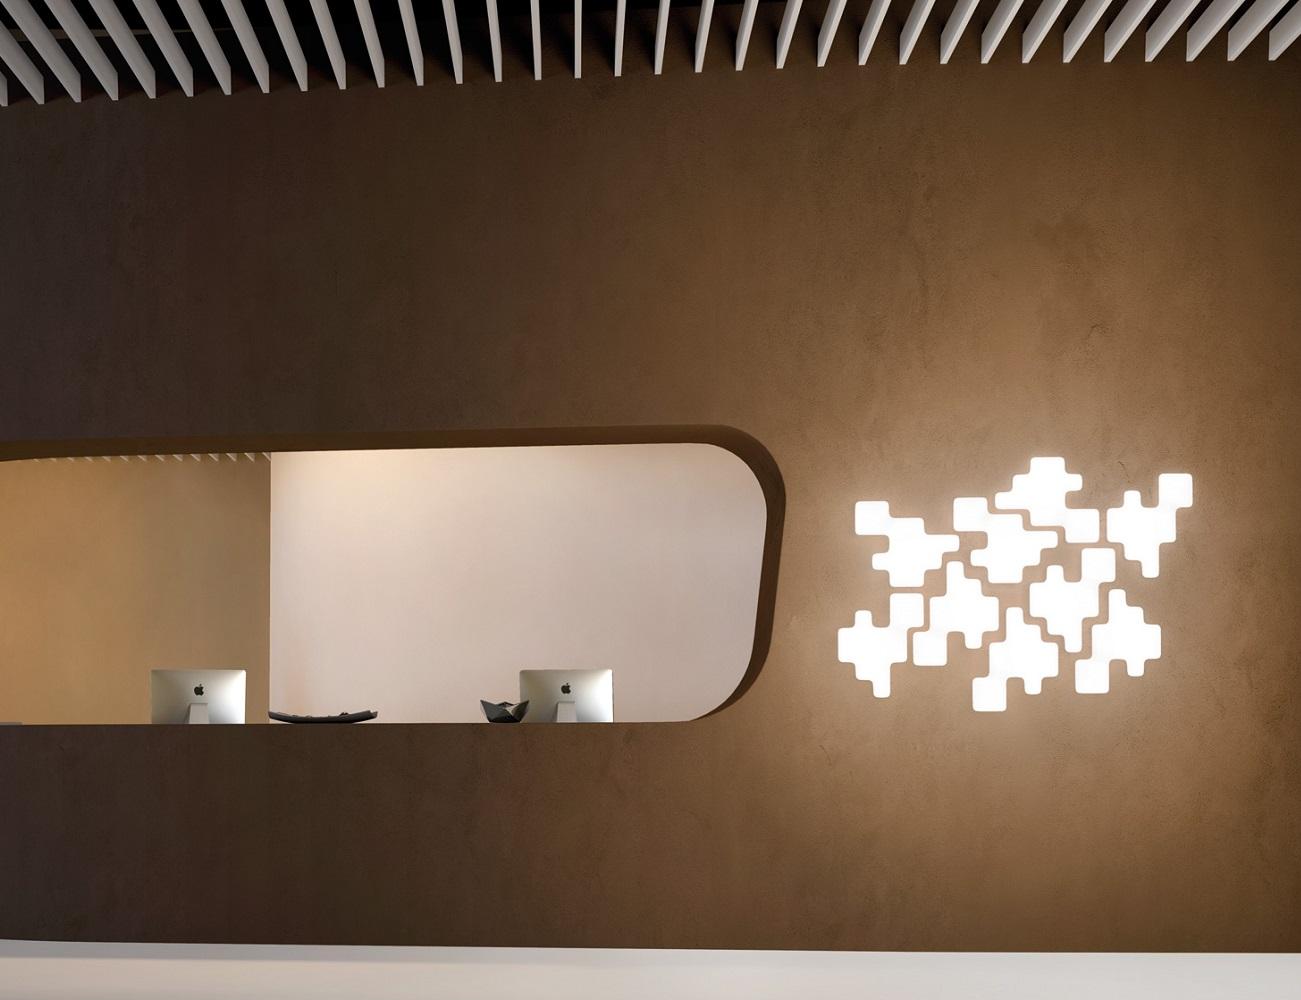 Pixel Wall Light by Kundalini